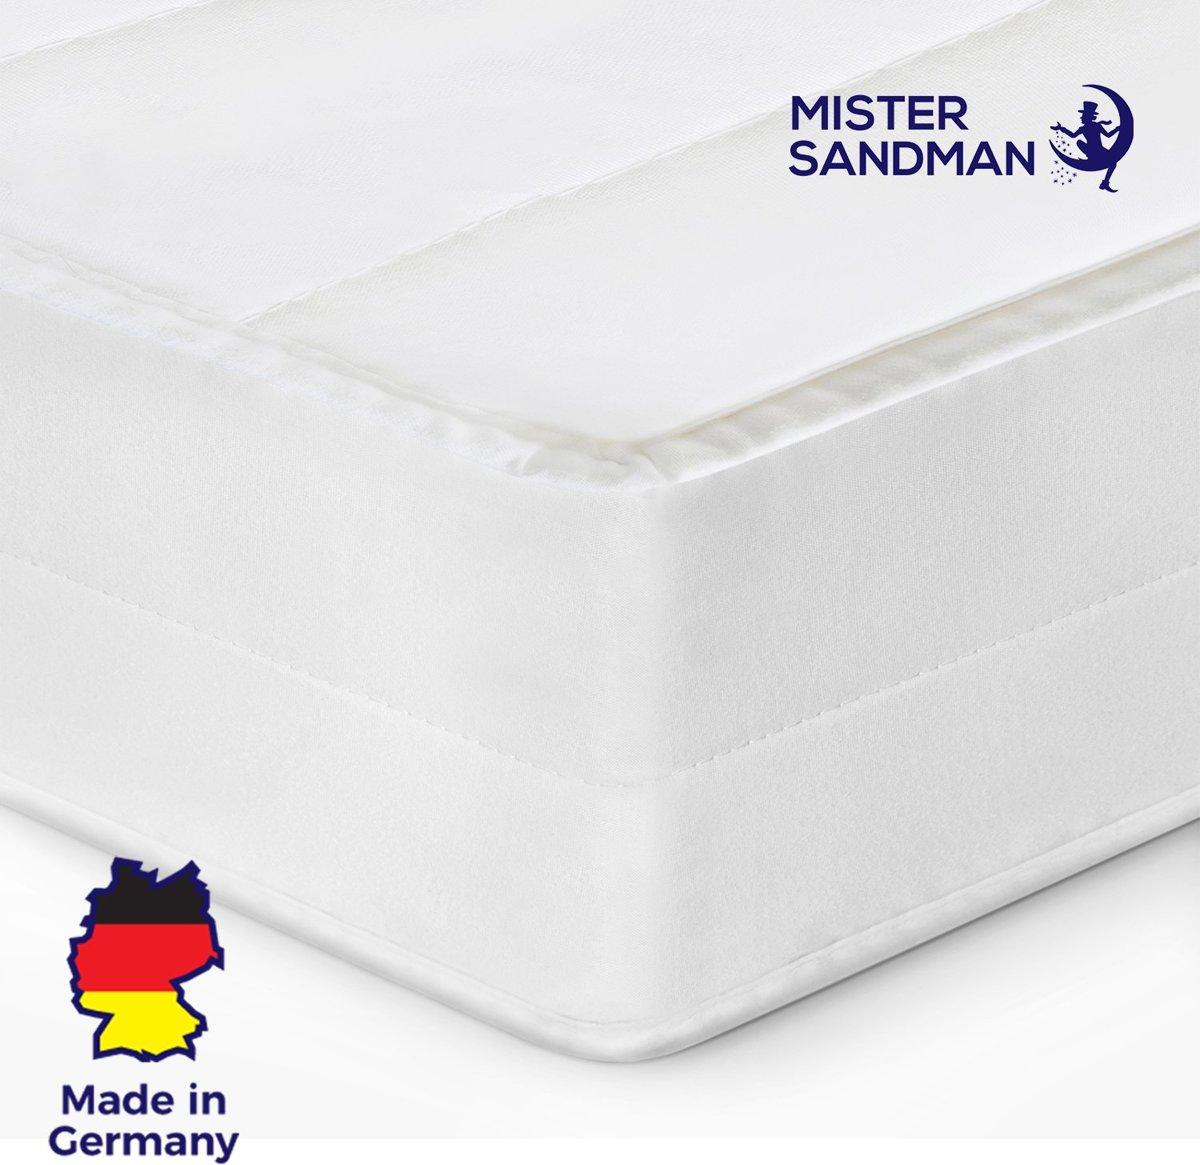 Matras - 60x120 - 7 zones - koudschuim - microvezel tijk - 15 cm hoog - medium & hard